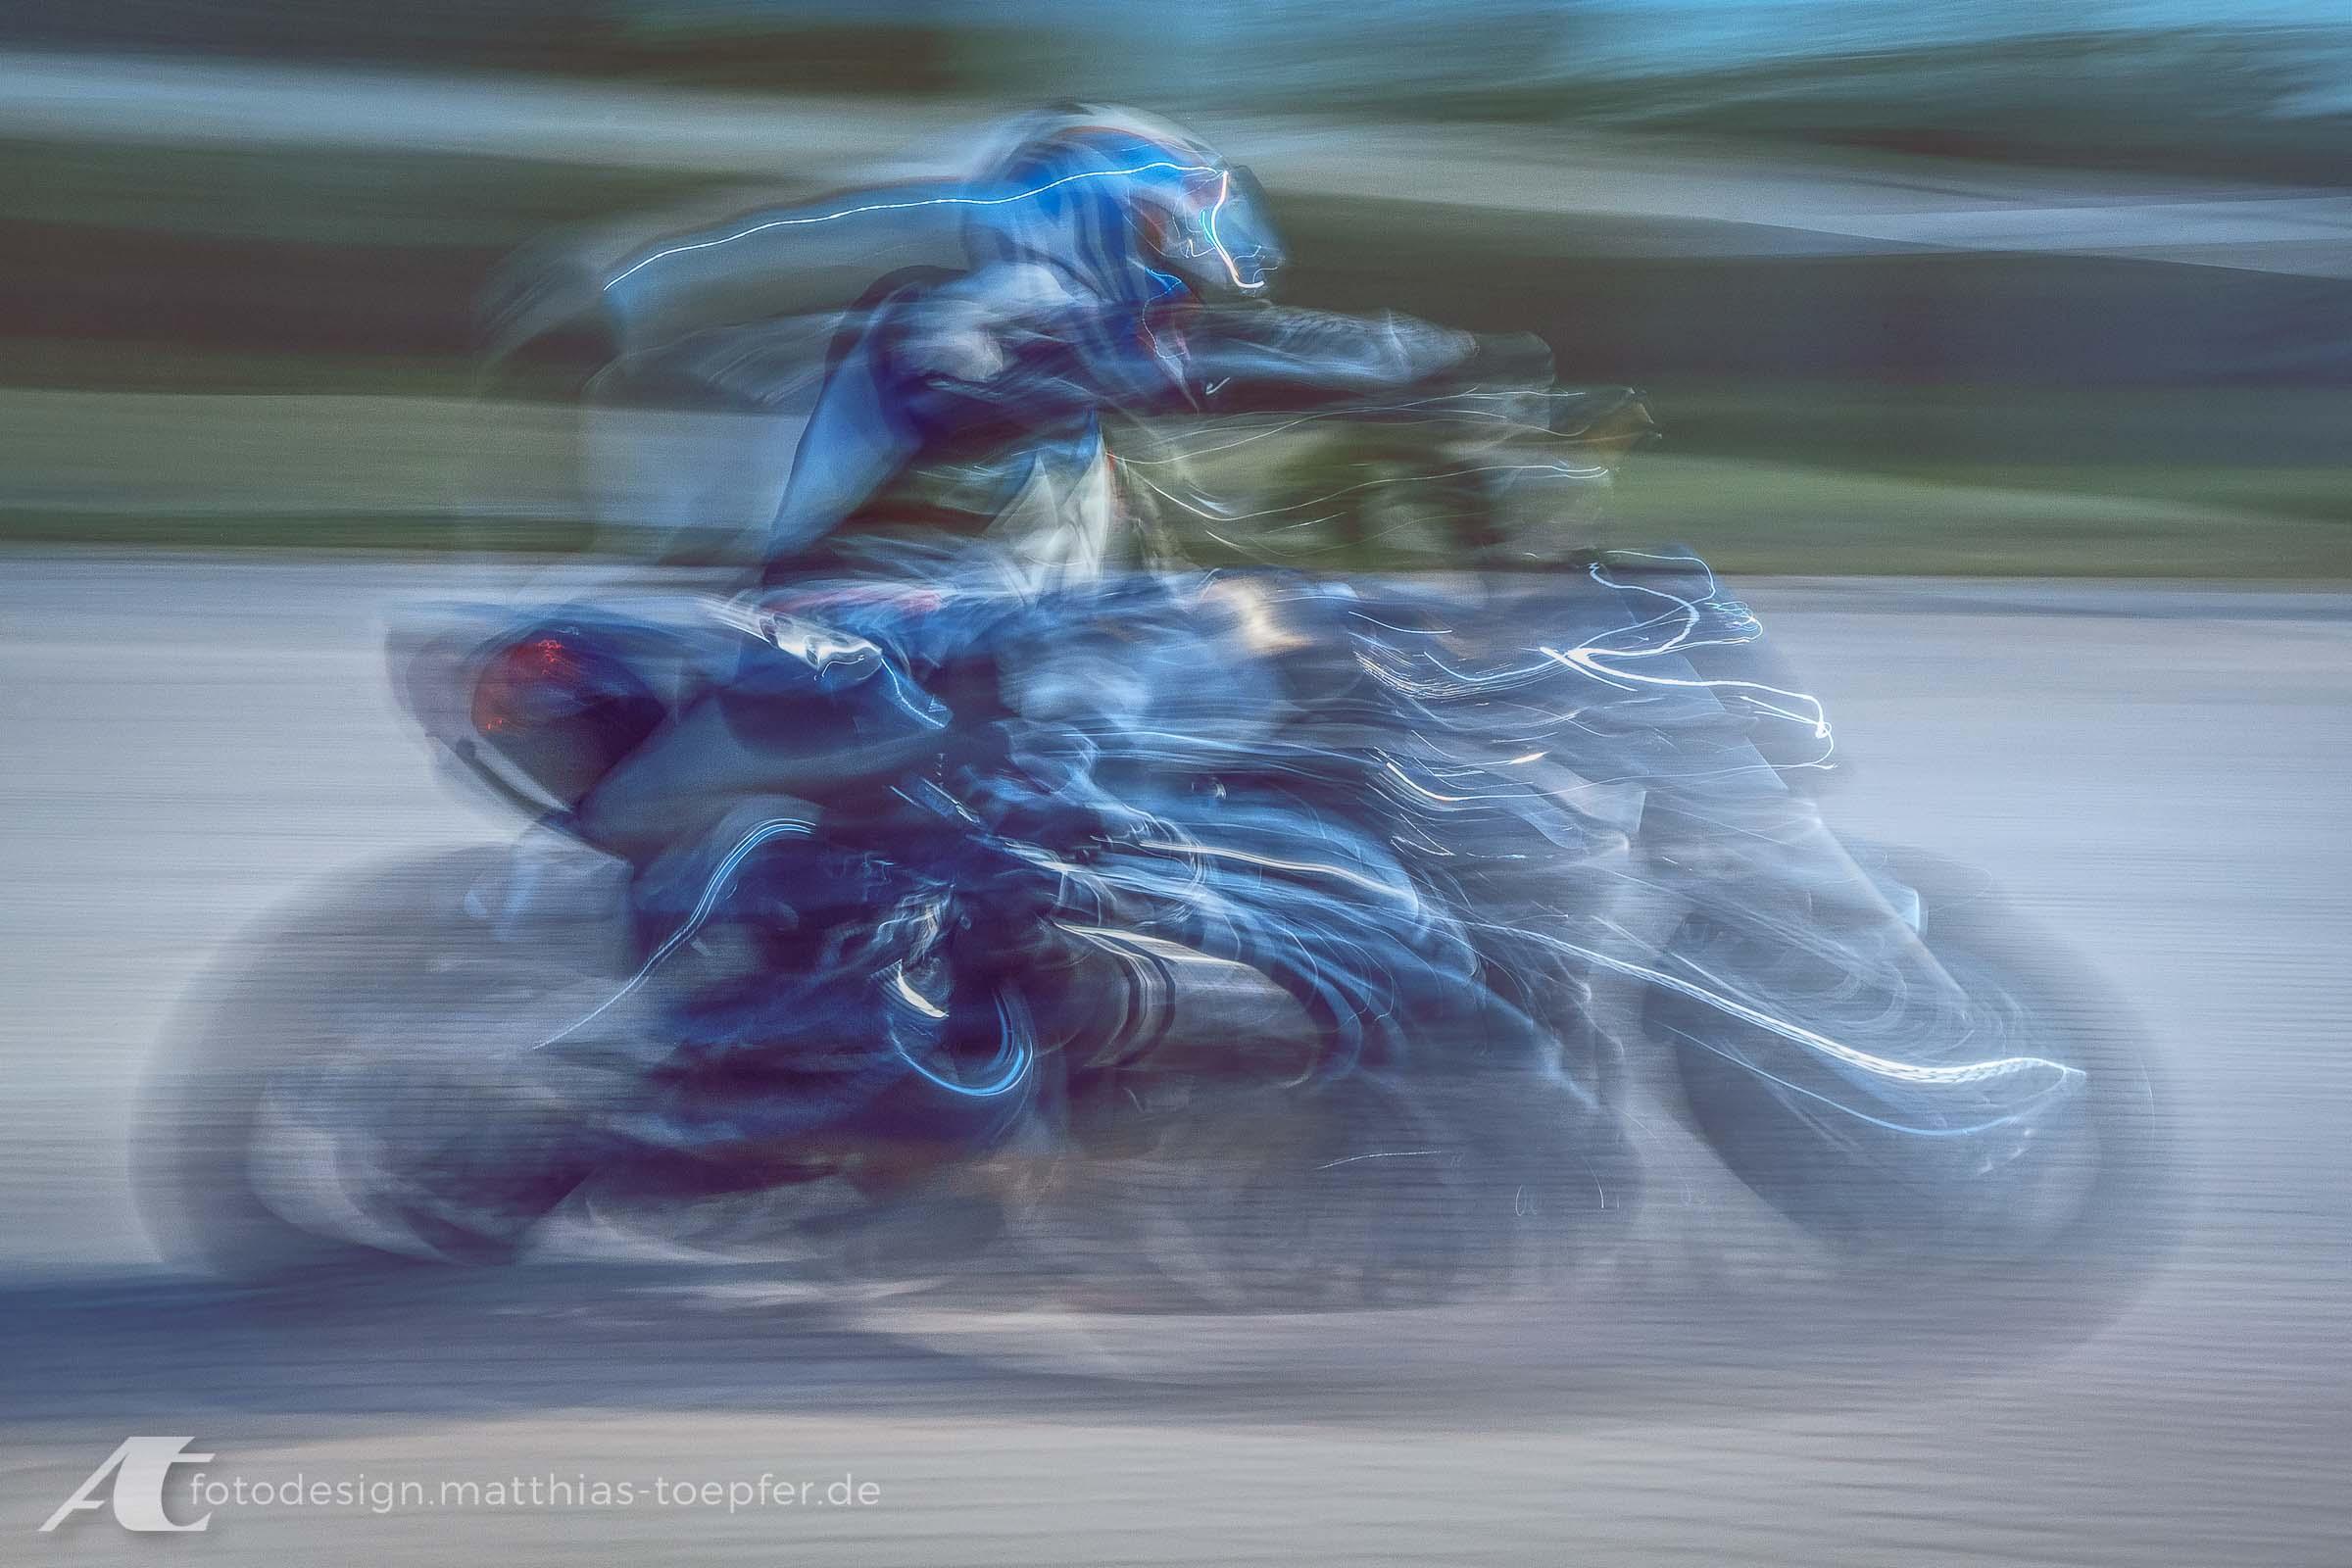 Motorrad Training Schräglage / EOS 5D Mark II / 60mm / f/22 / 1,0 Sek.